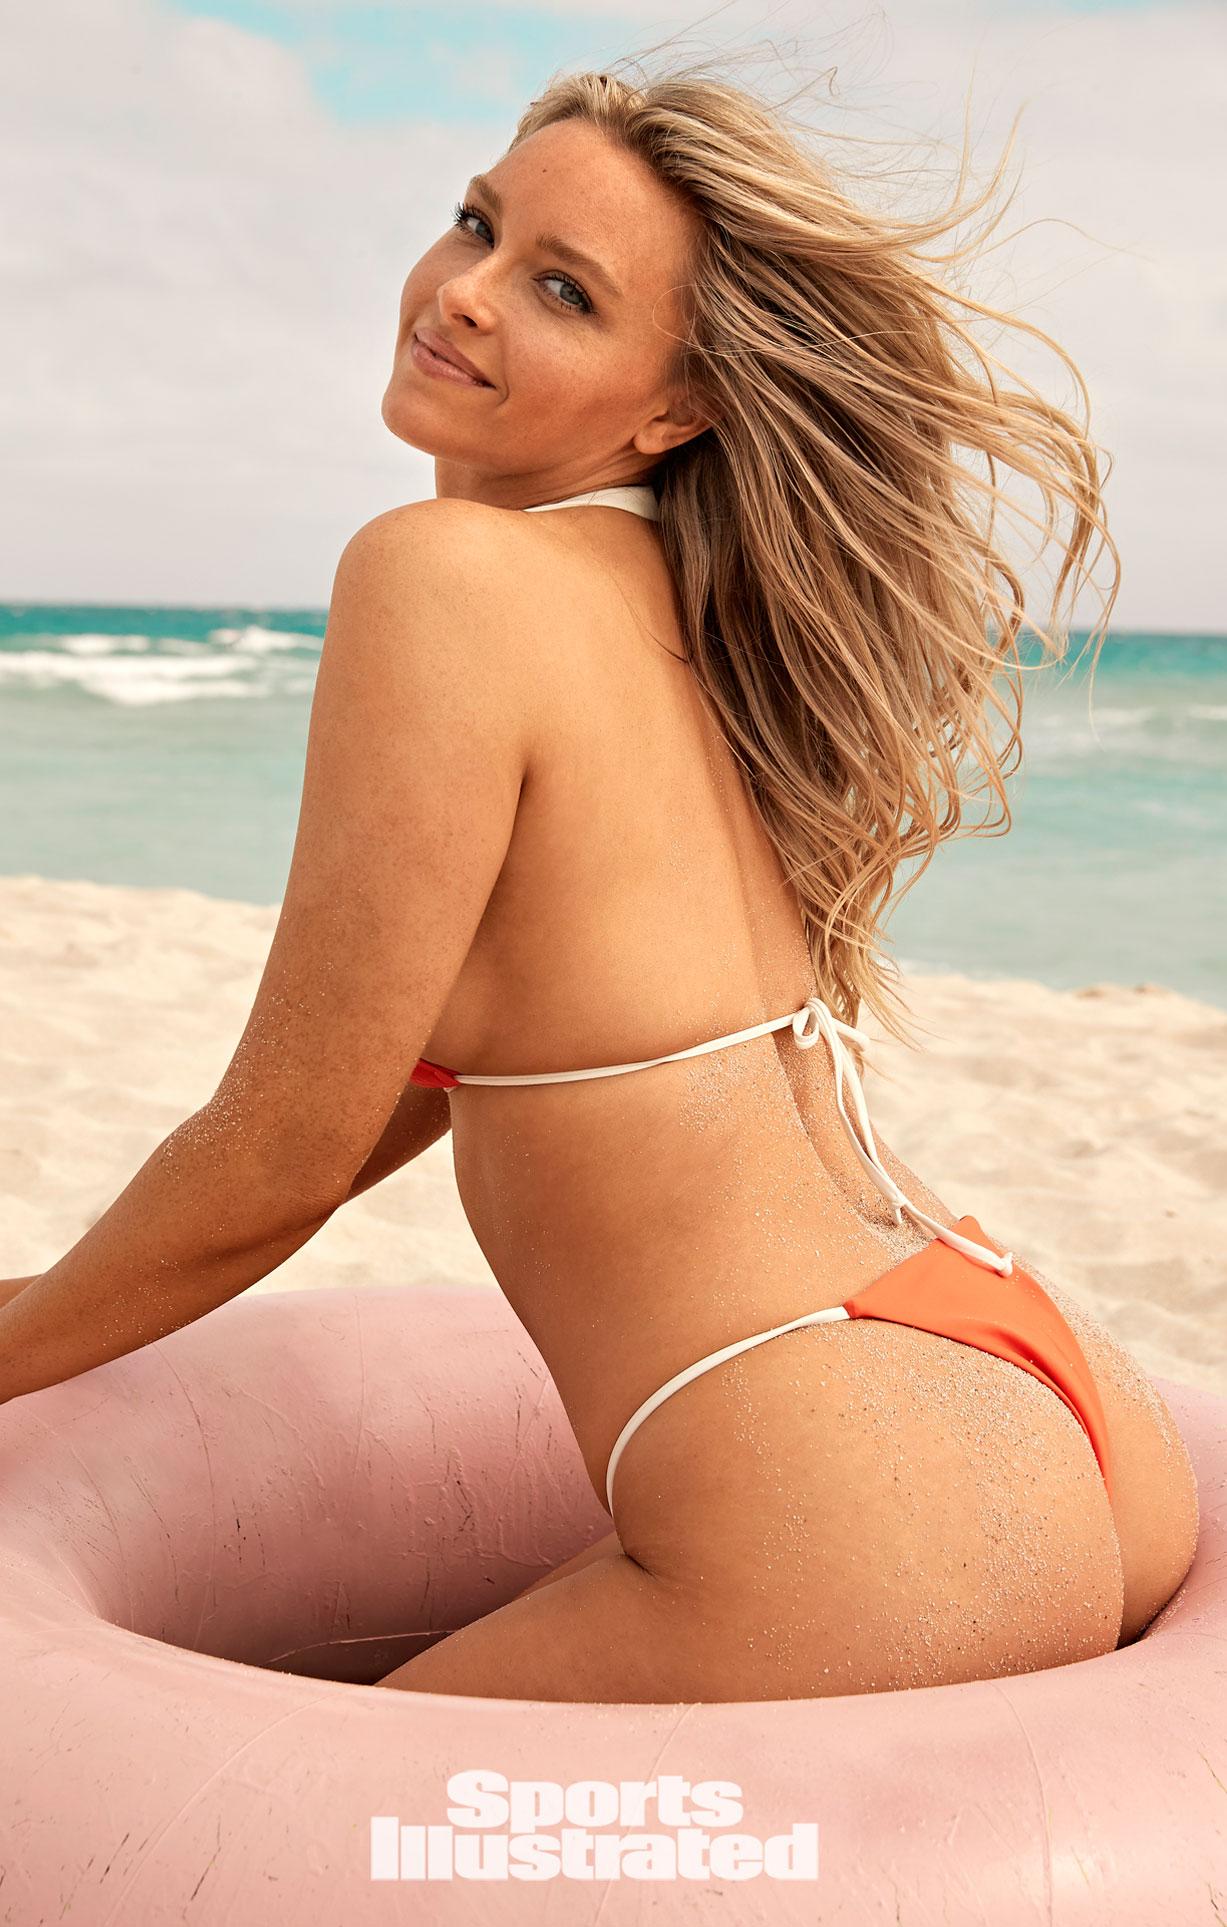 Камилль Костек в каталоге купальников Sports Illustrated Swimsuit 2021 / фото 20